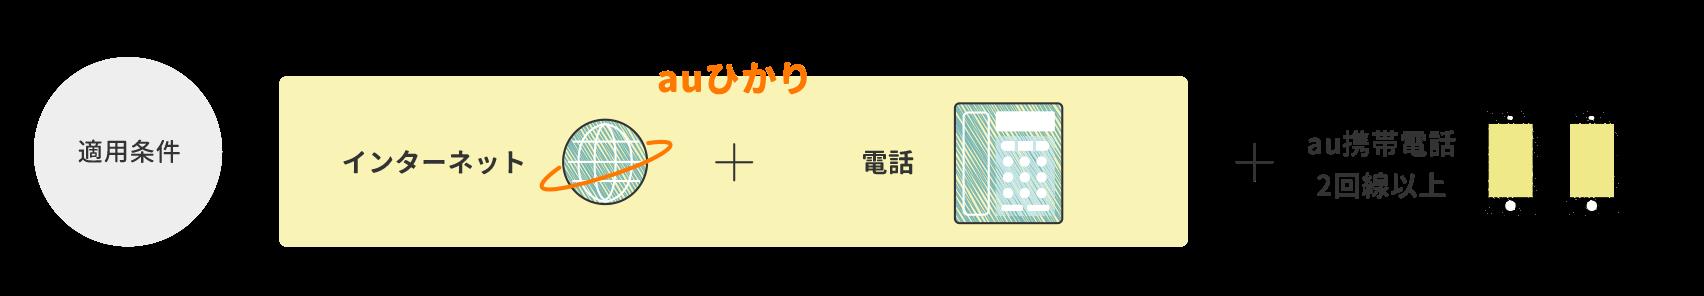 【適用条件】新規ご加入のauひかり + auスマートバリューに新規申し込み + auスマホ